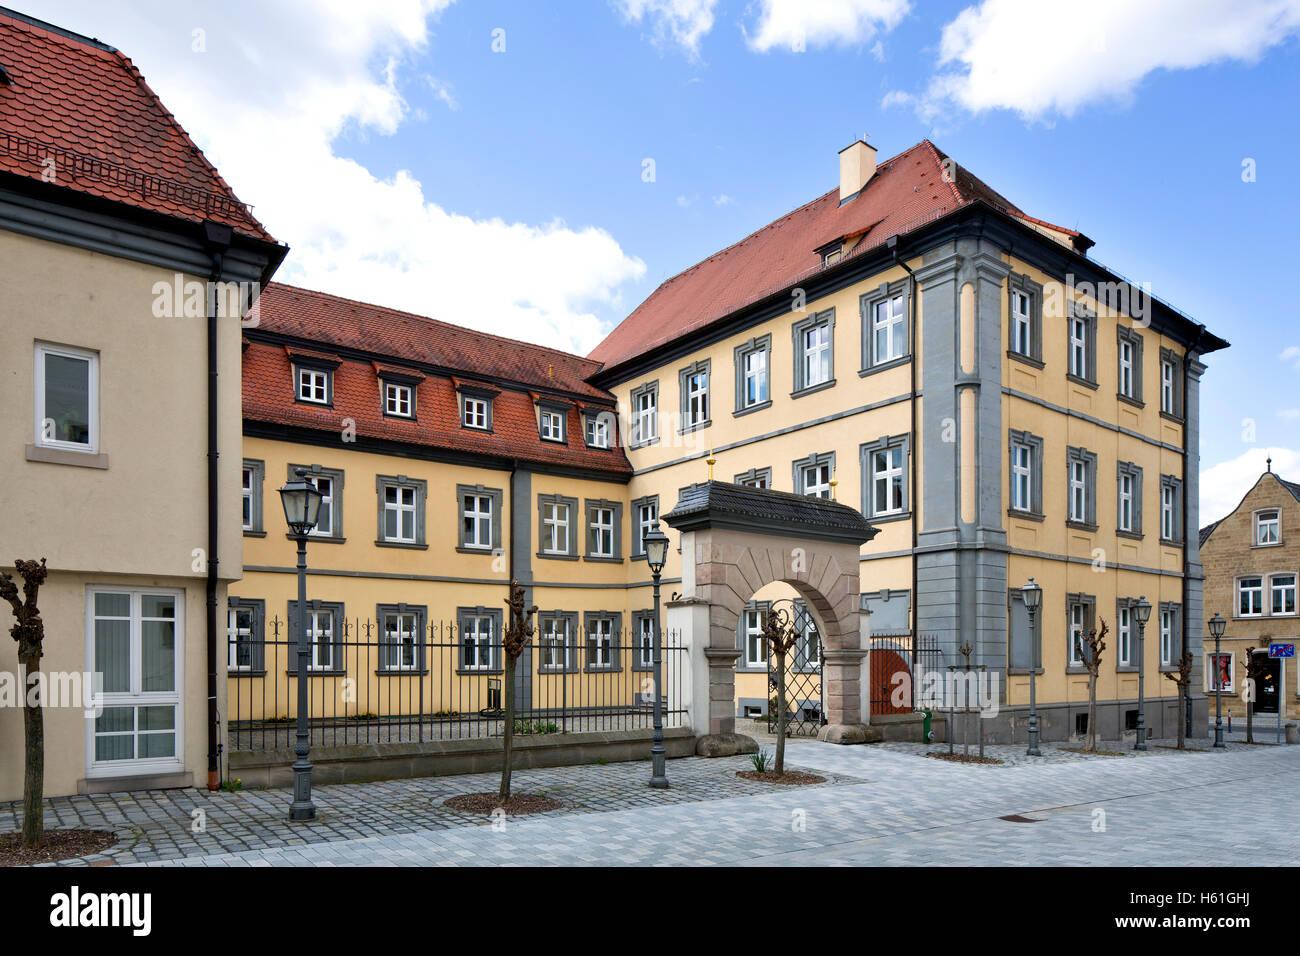 Hassfurt Stock Photos & Hassfurt Stock Images - Alamy